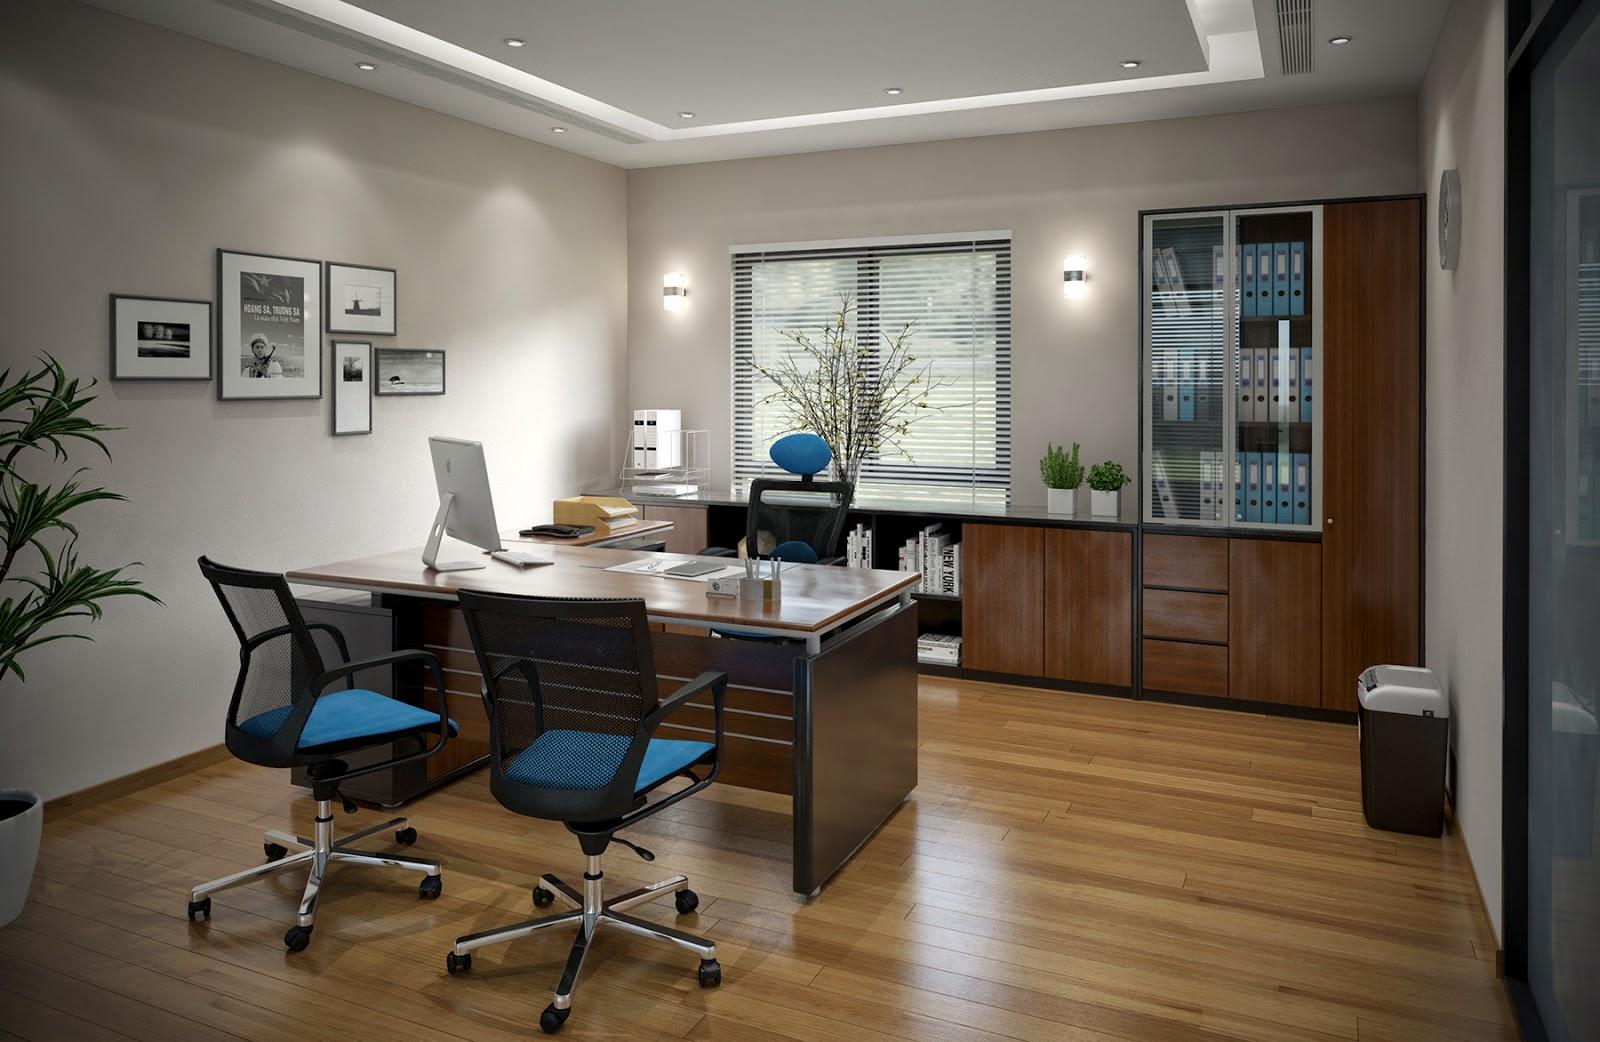 Rèm văn phòng RVP39